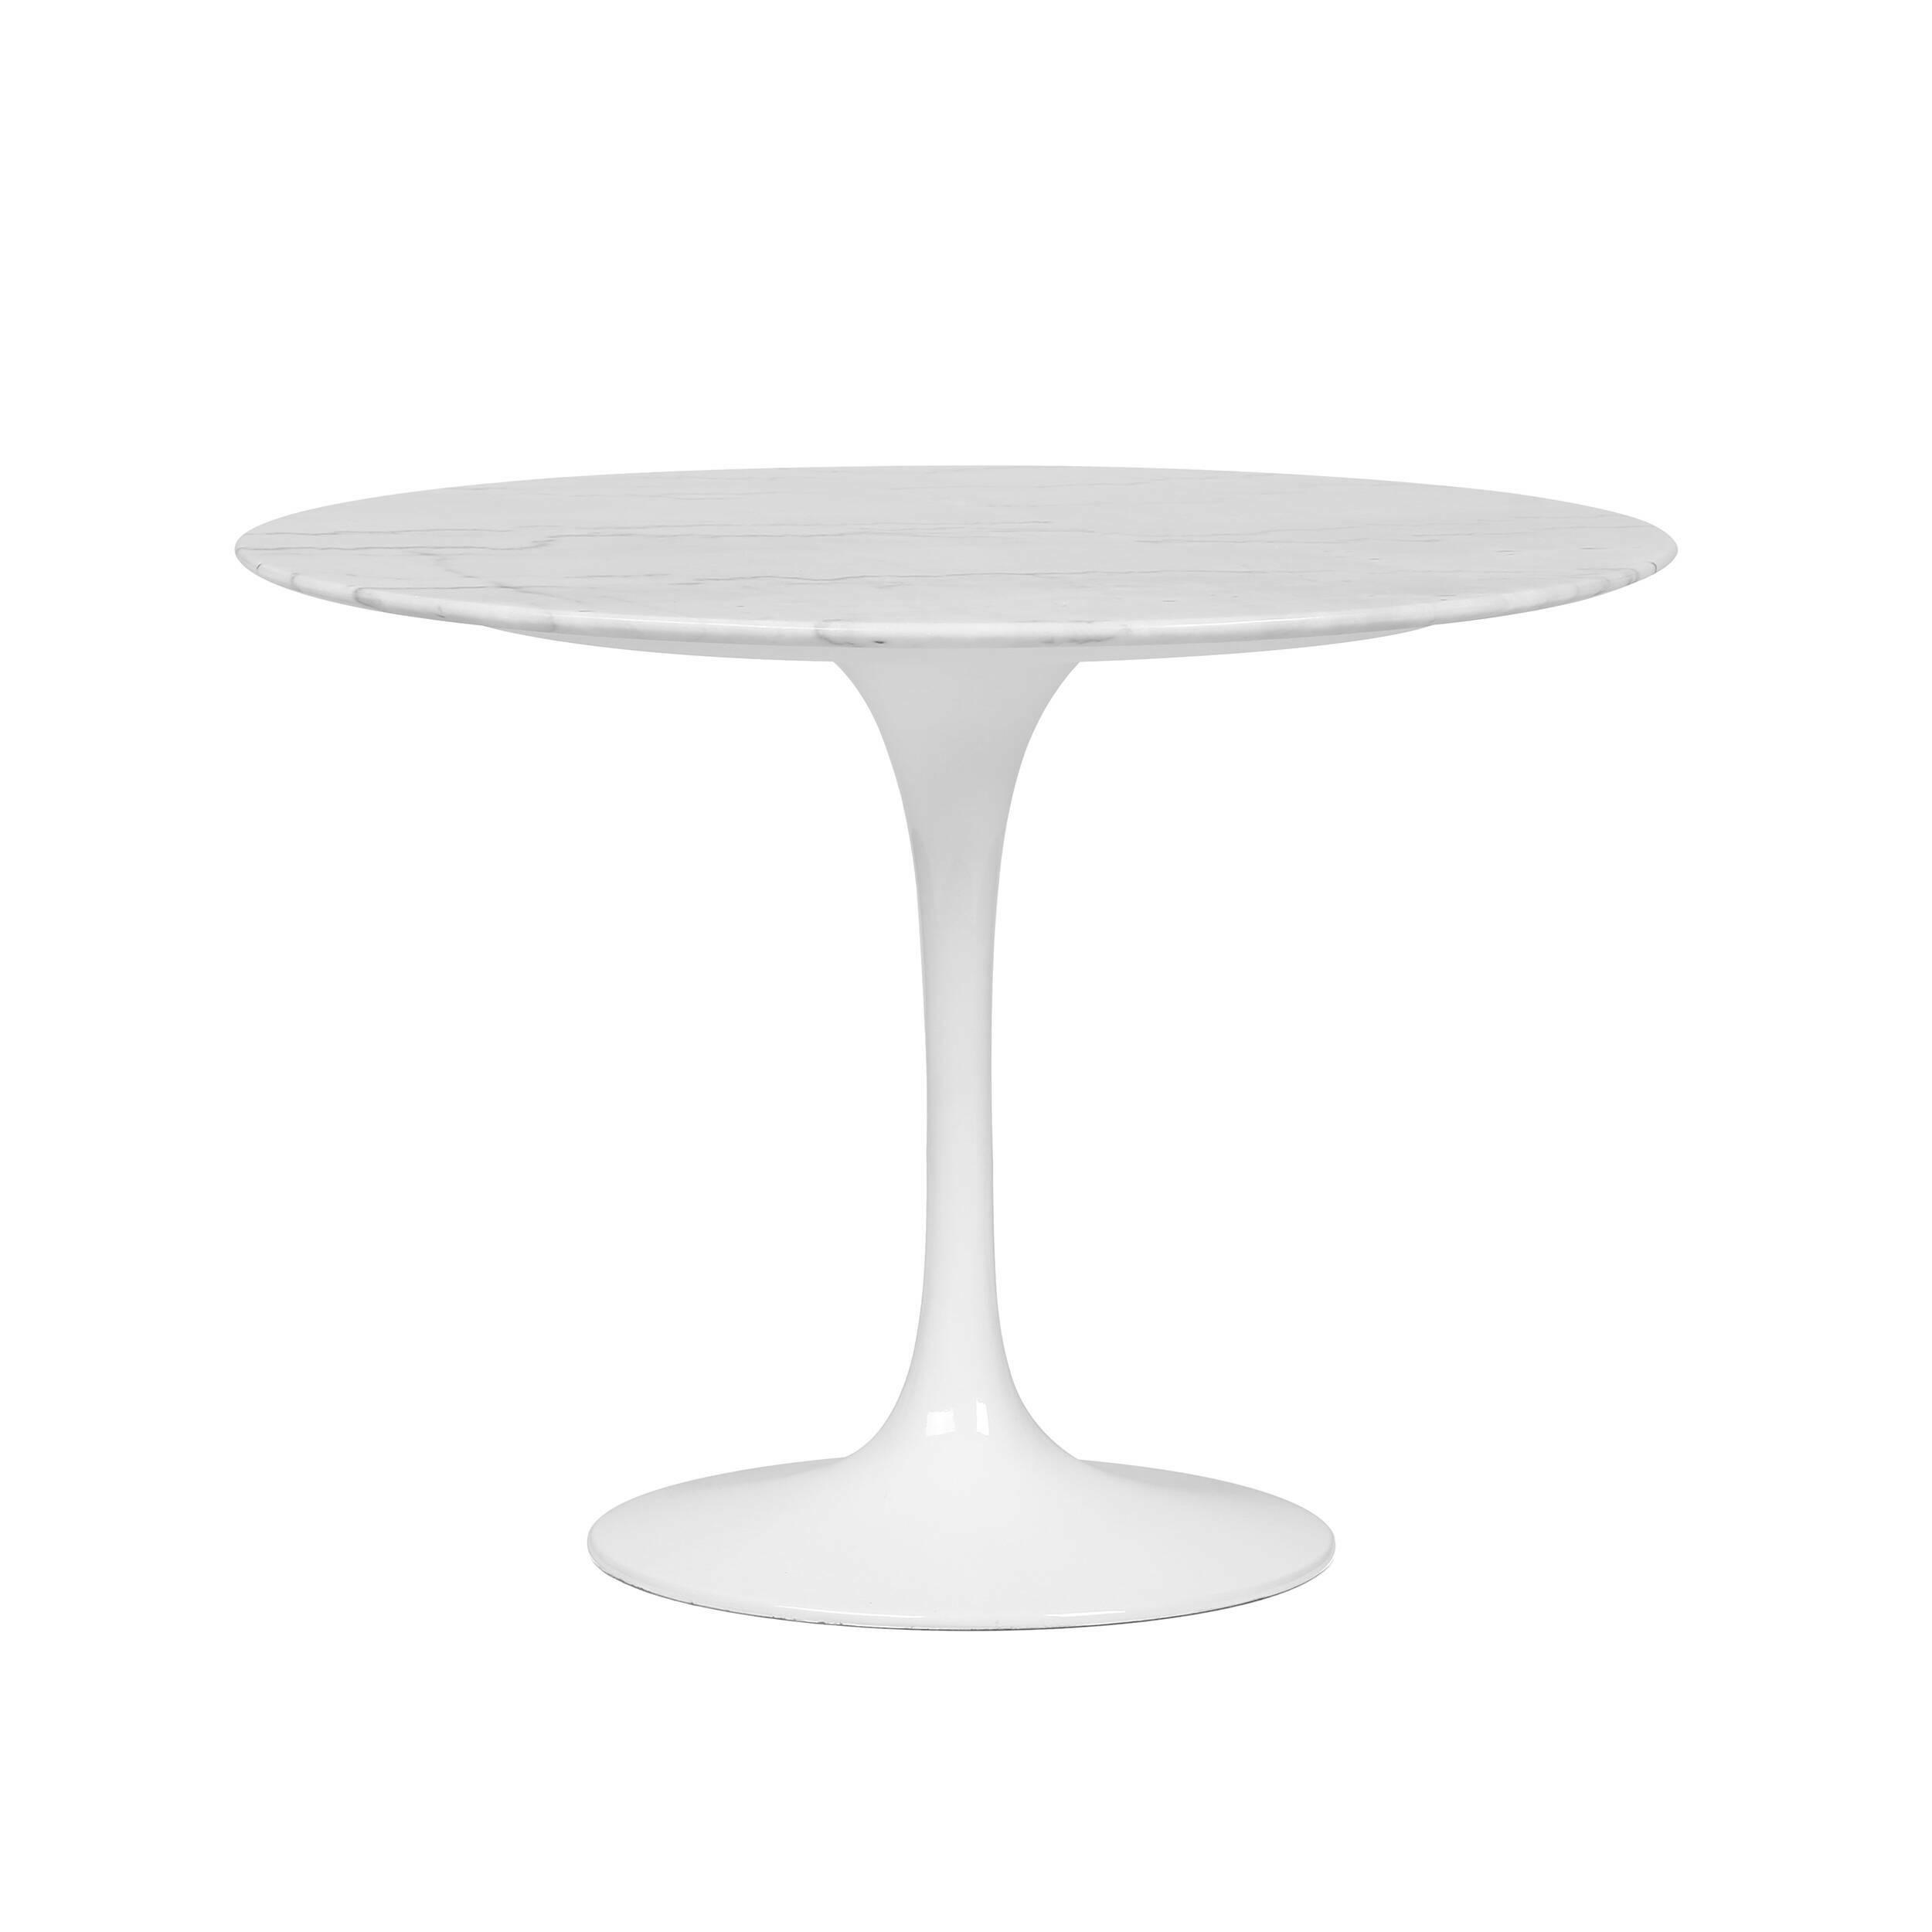 Купить Стол обеденный круглый DT6131C new, Cosmo